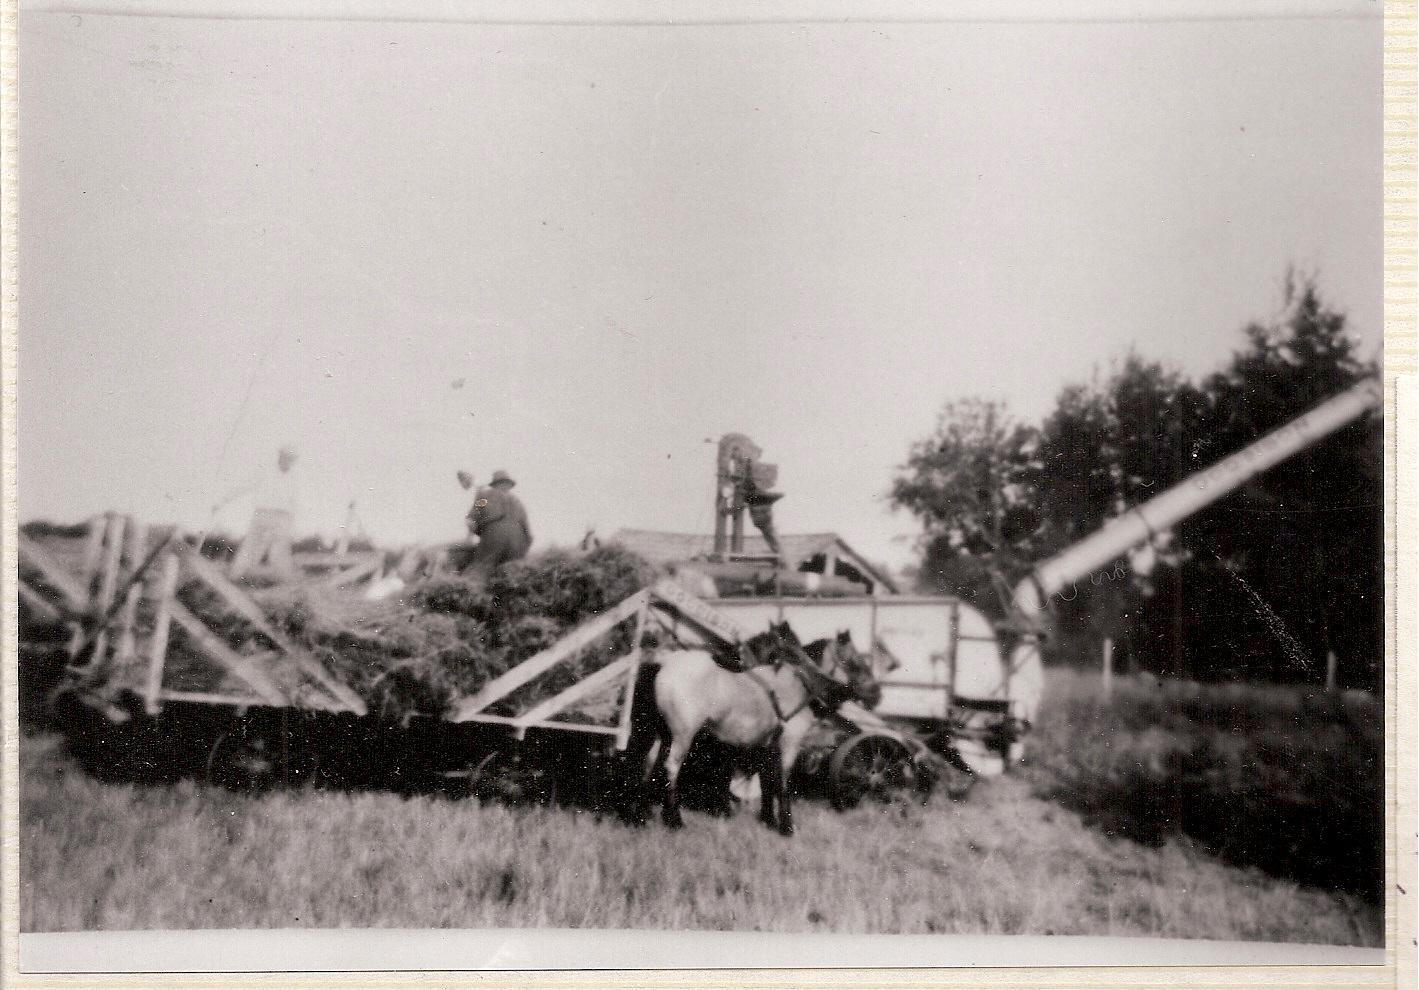 Leons harvest in 1942